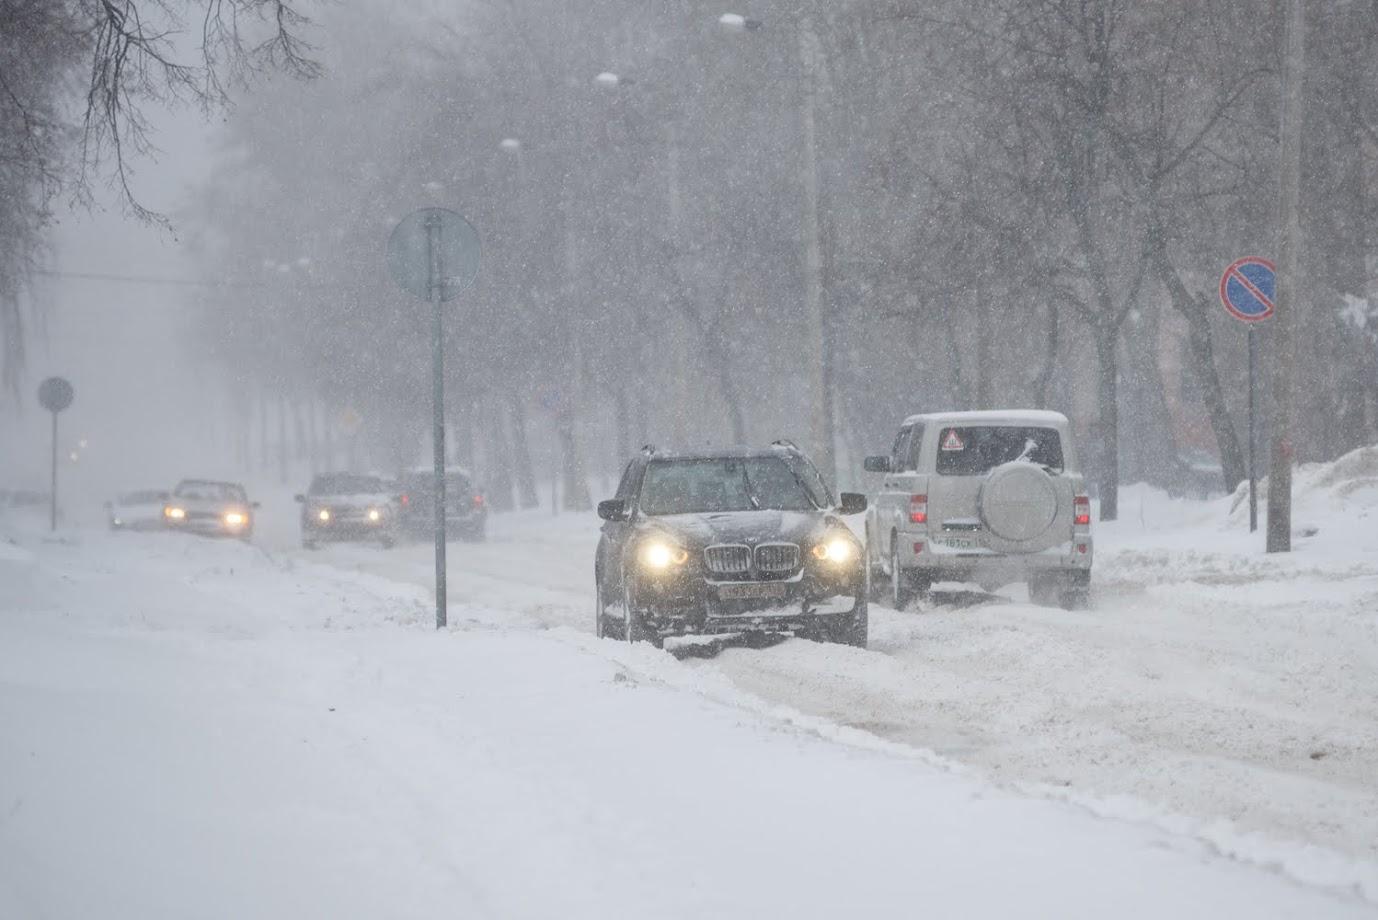 Погода в РК: штормовое предупреждение объявлено в Нур-Султане и четырех областях